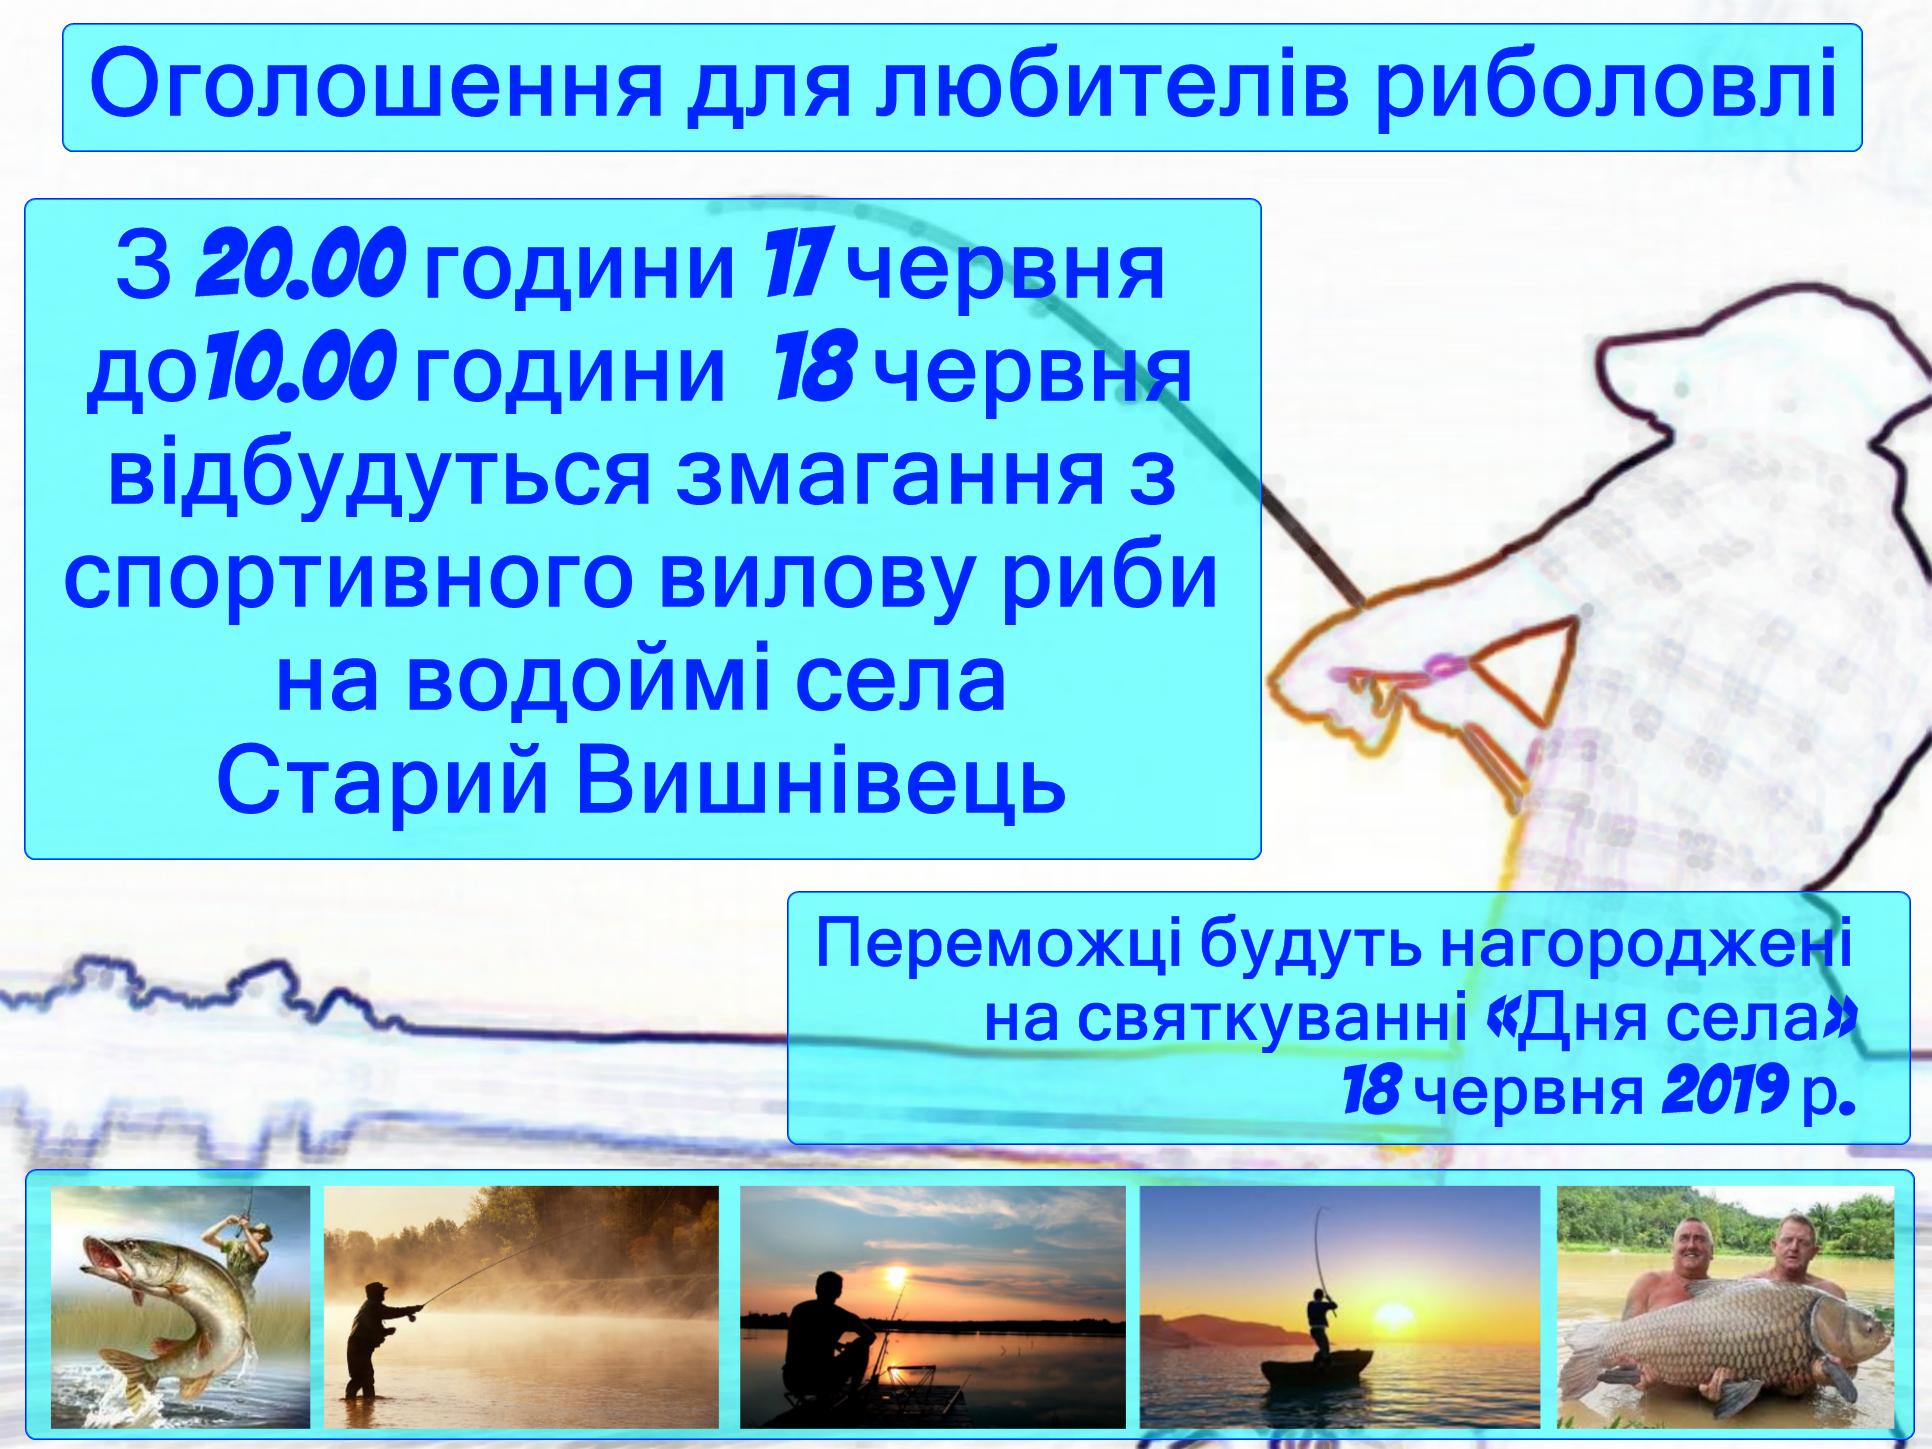 спортивне рибальство 2019 старий вишн